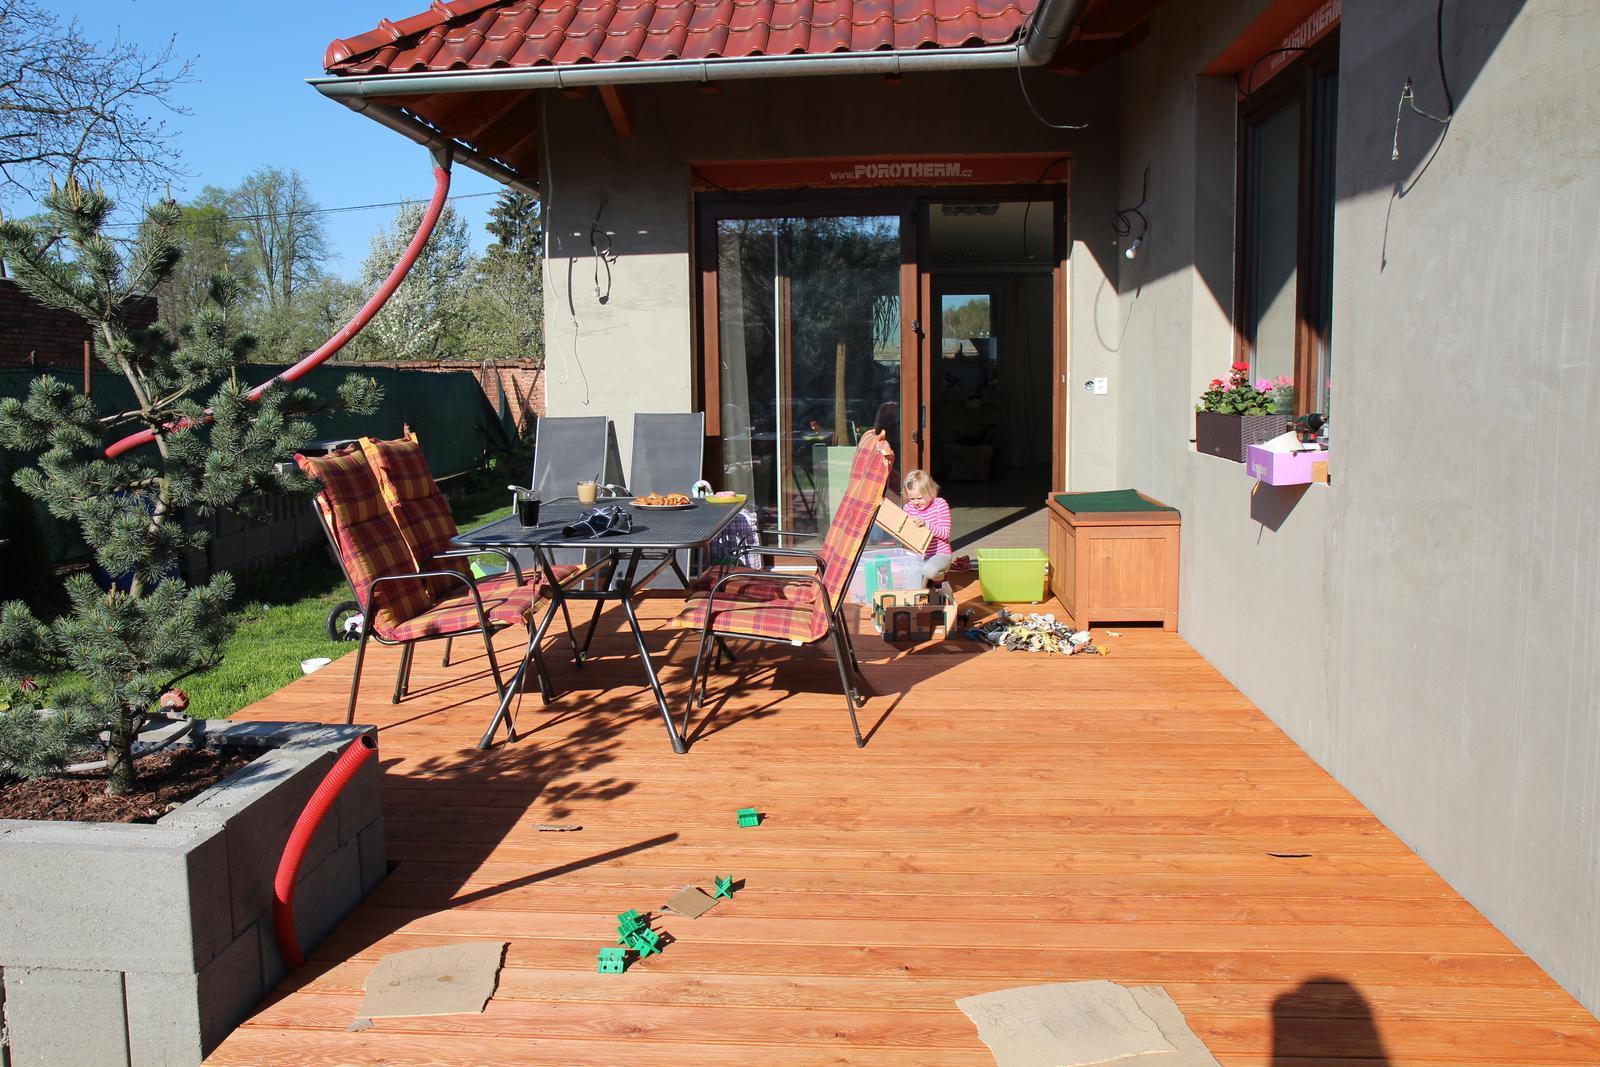 Tak jde čas aneb jak si stavíme sen :-) - 1. ranní kafíčko na nové terase :-)